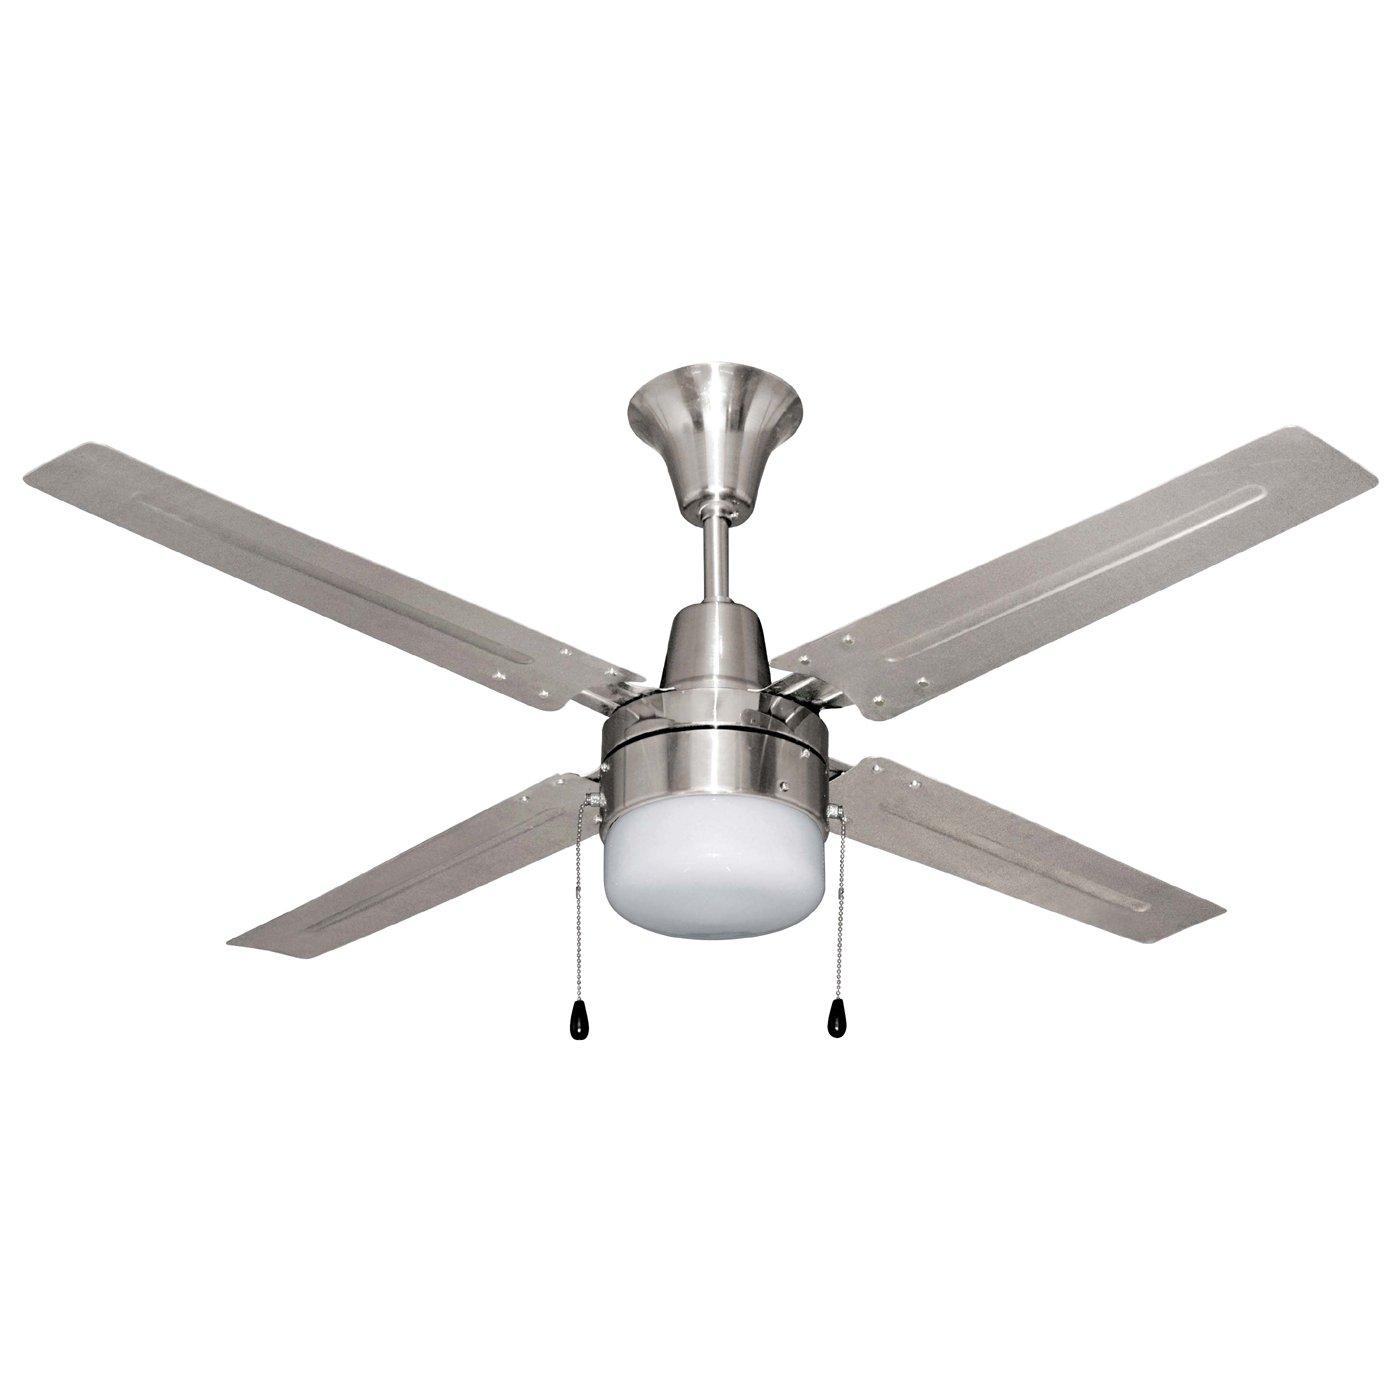 Fotos de The Ceiling Fan Store - Ventiladores De Techo